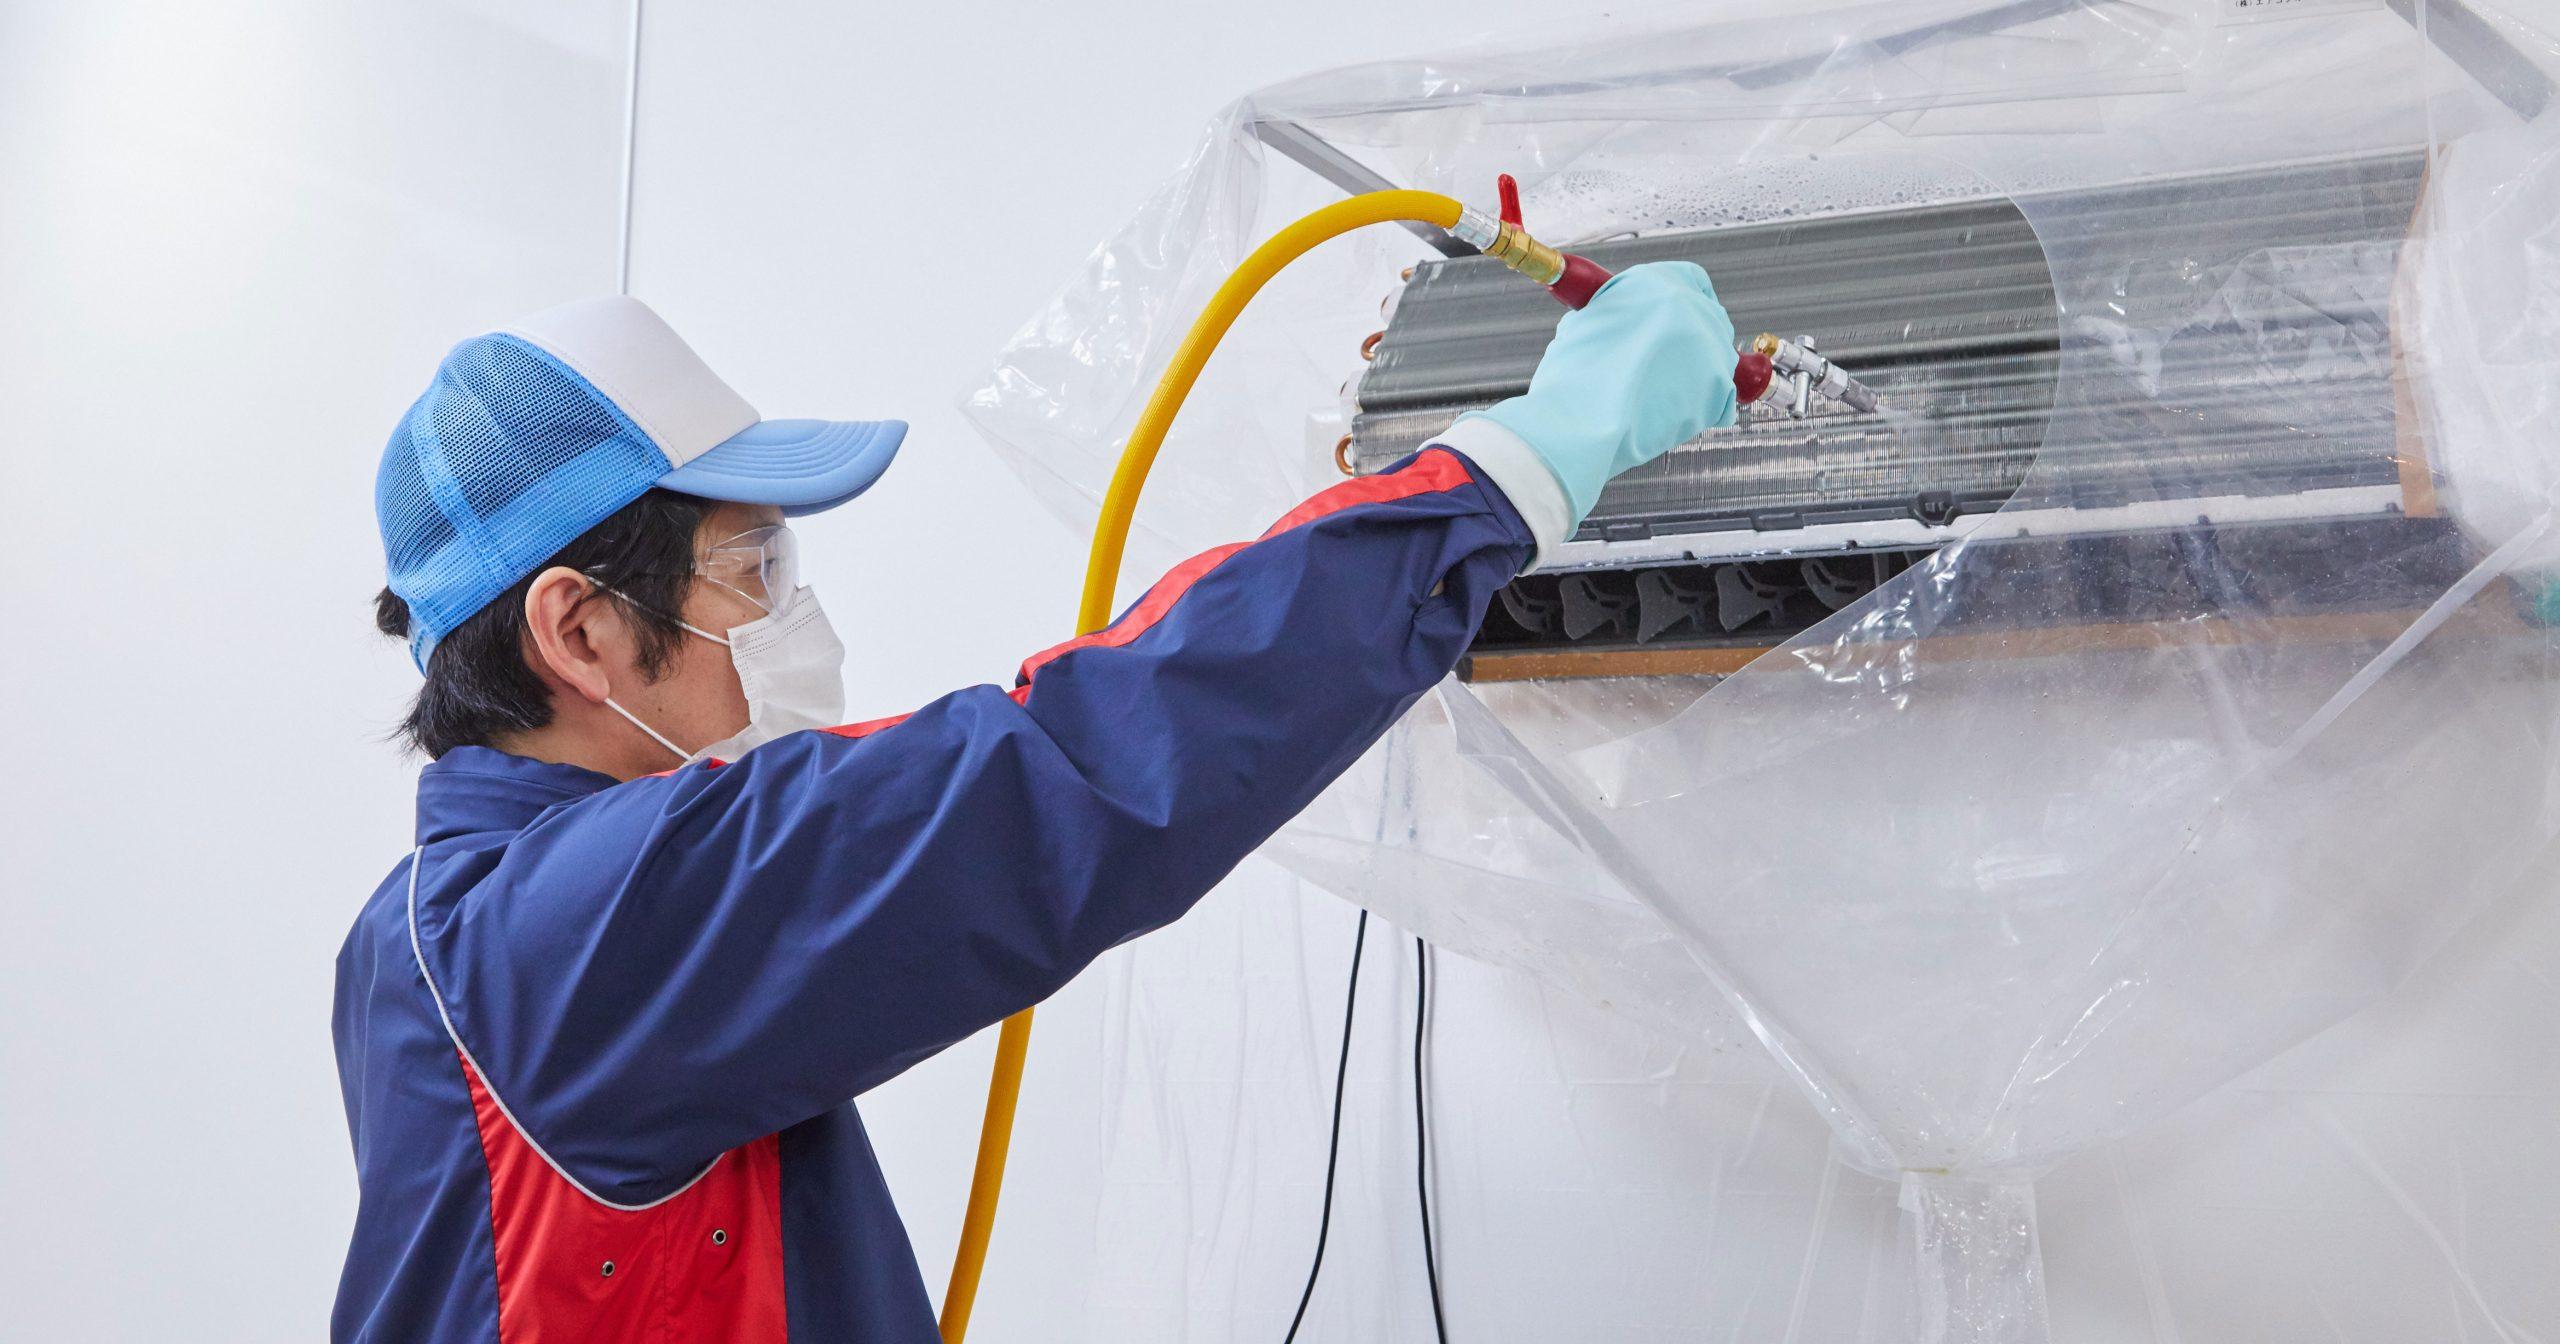 プロがエアコンを高圧洗浄している写真